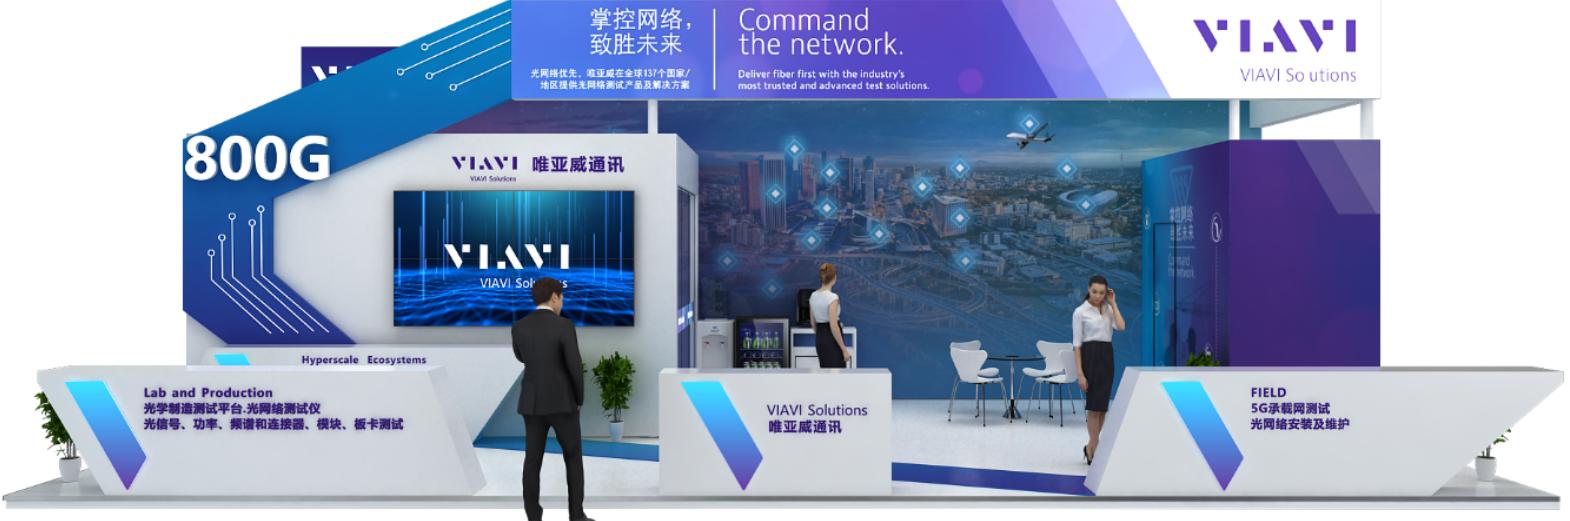 着眼光通信产业发展,VIAVI携众多创新解决方案参展中国光博会